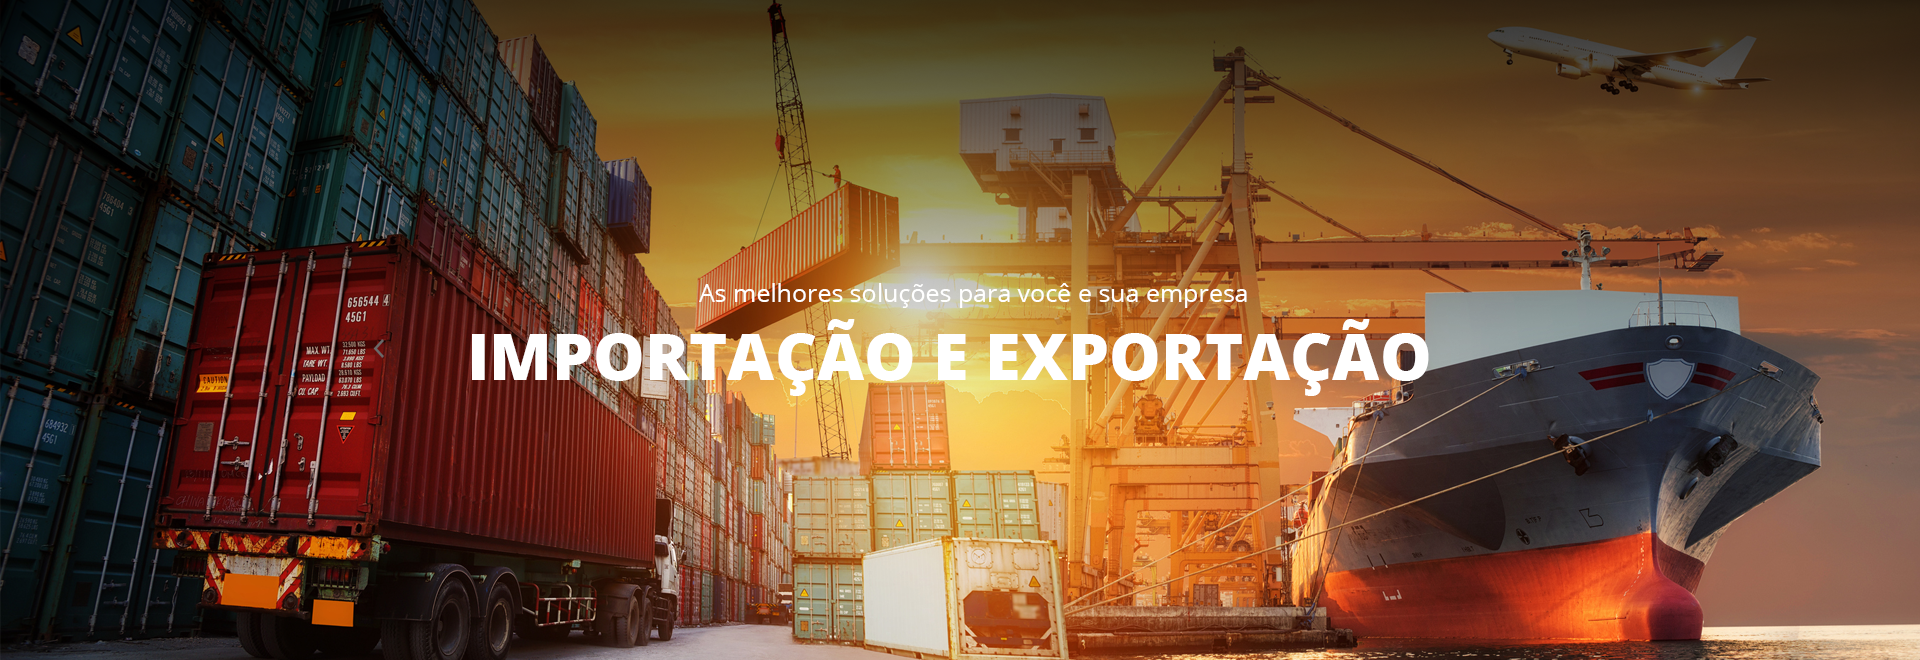 Importação/Exportação